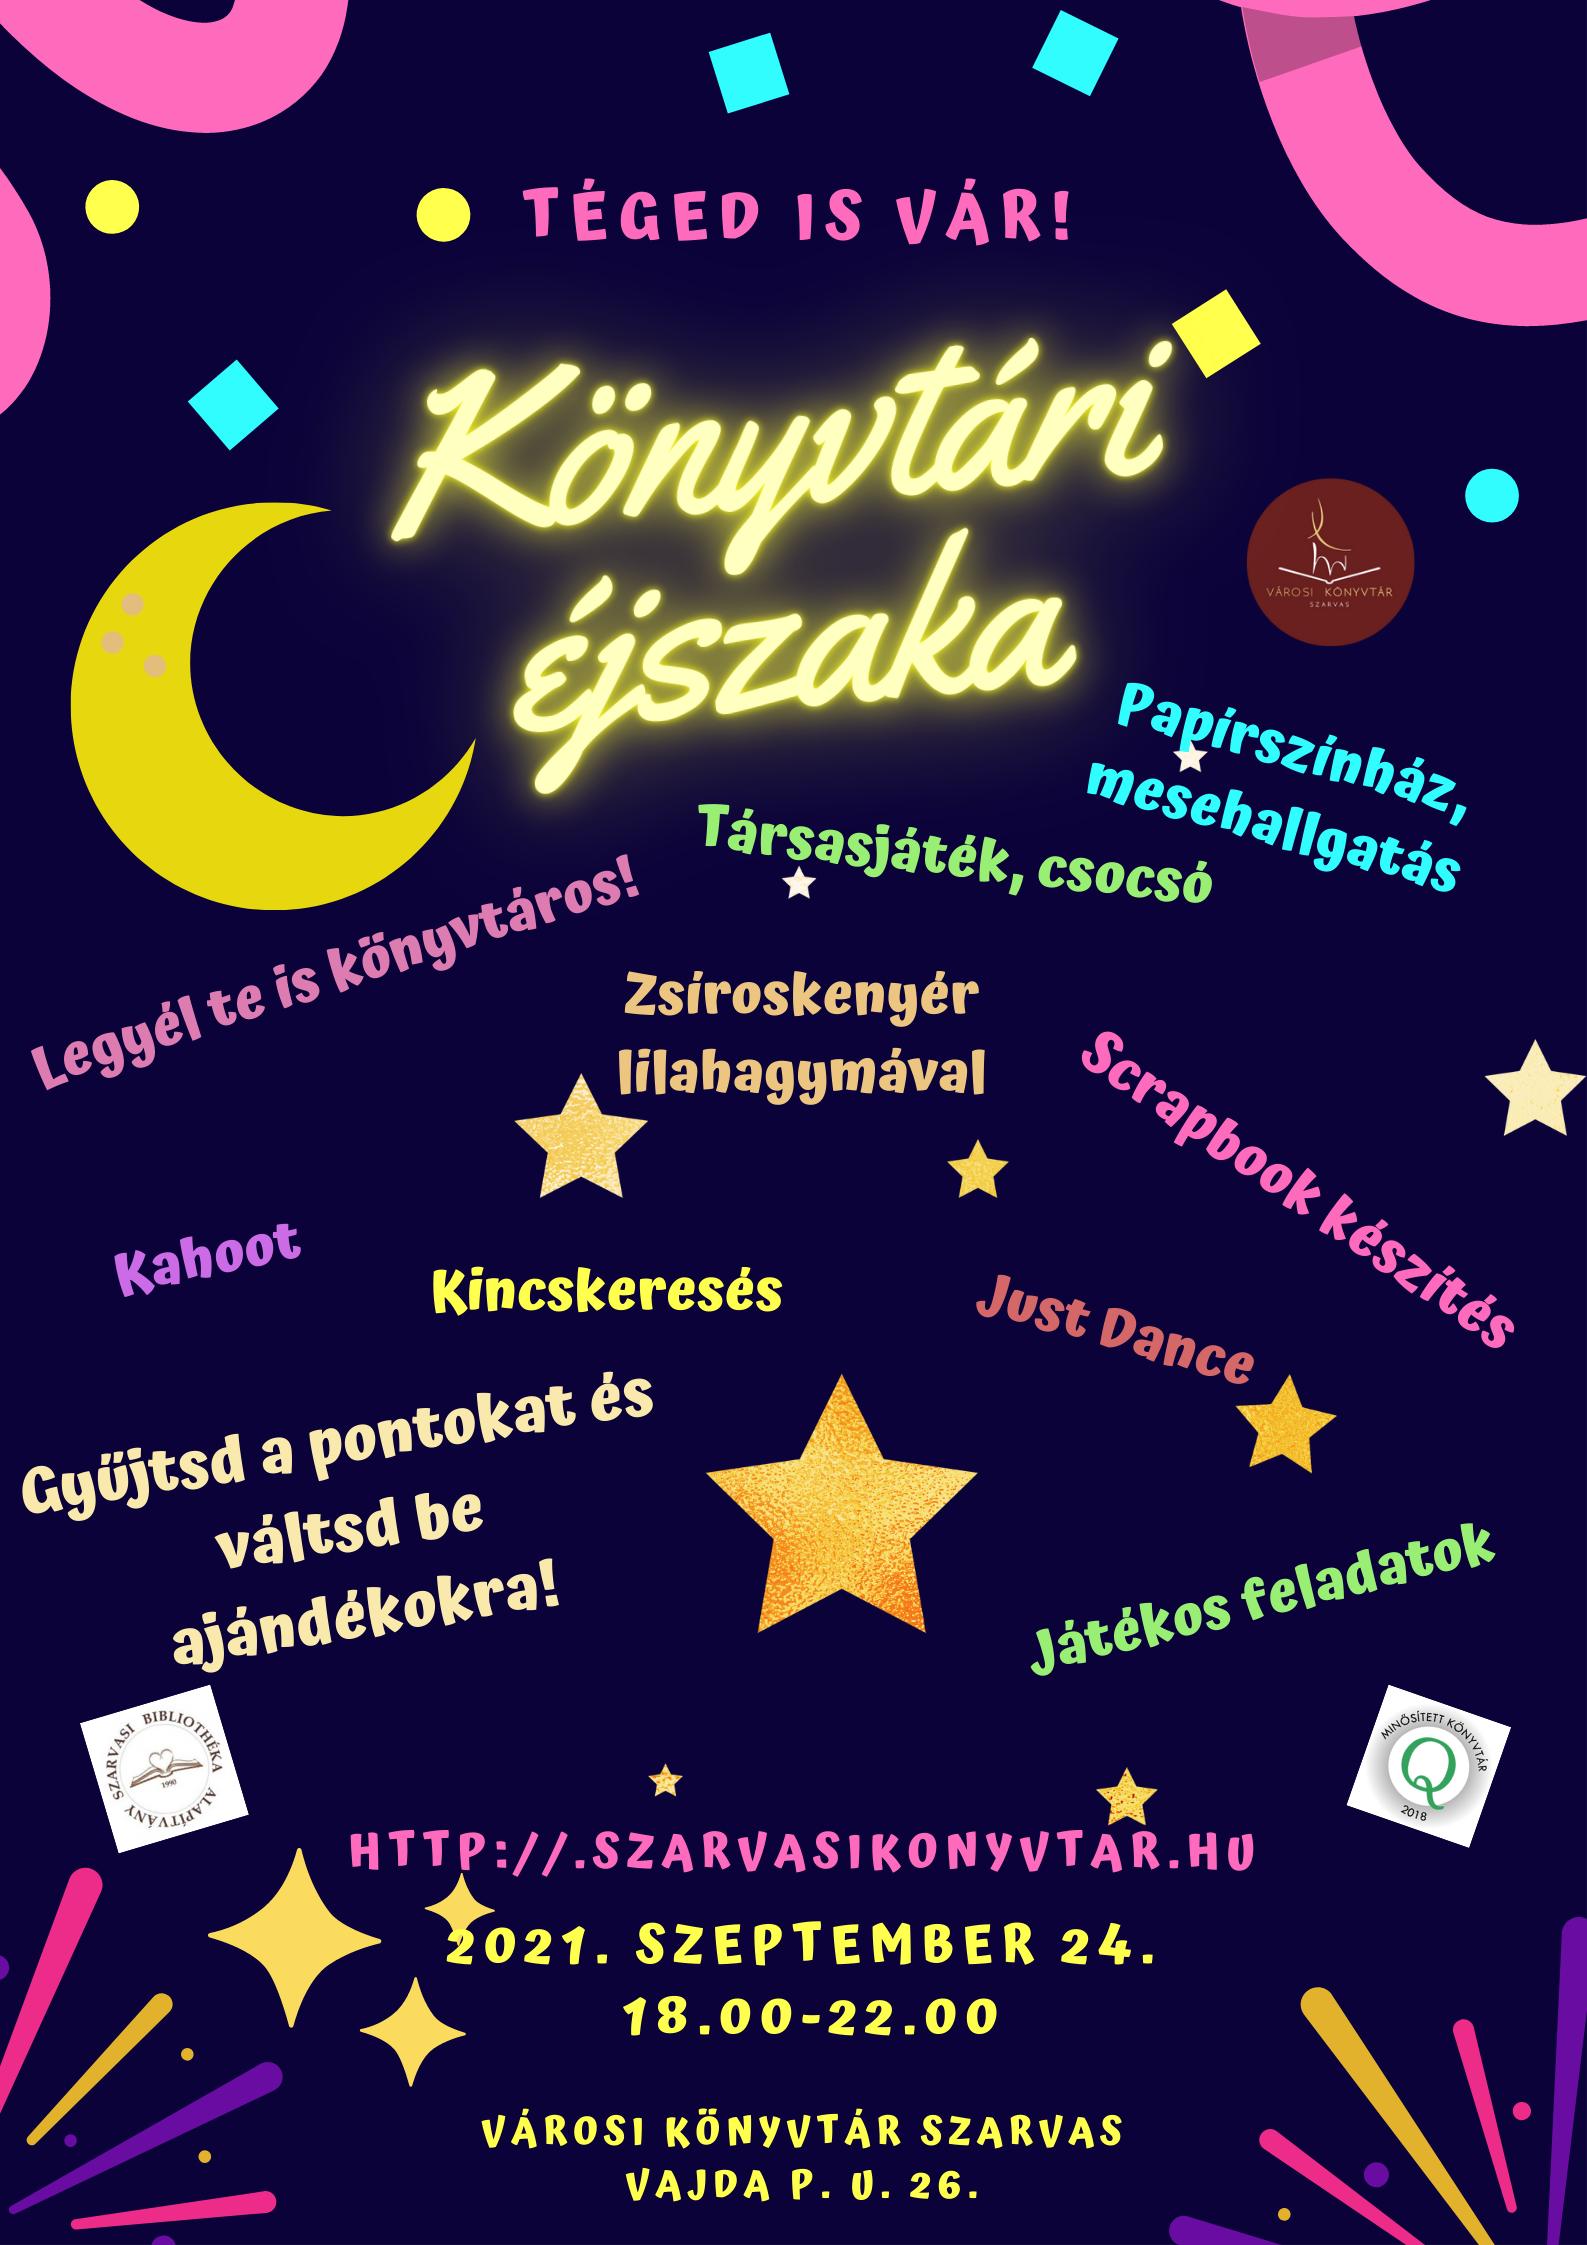 Könyvtári éjszaka részletes